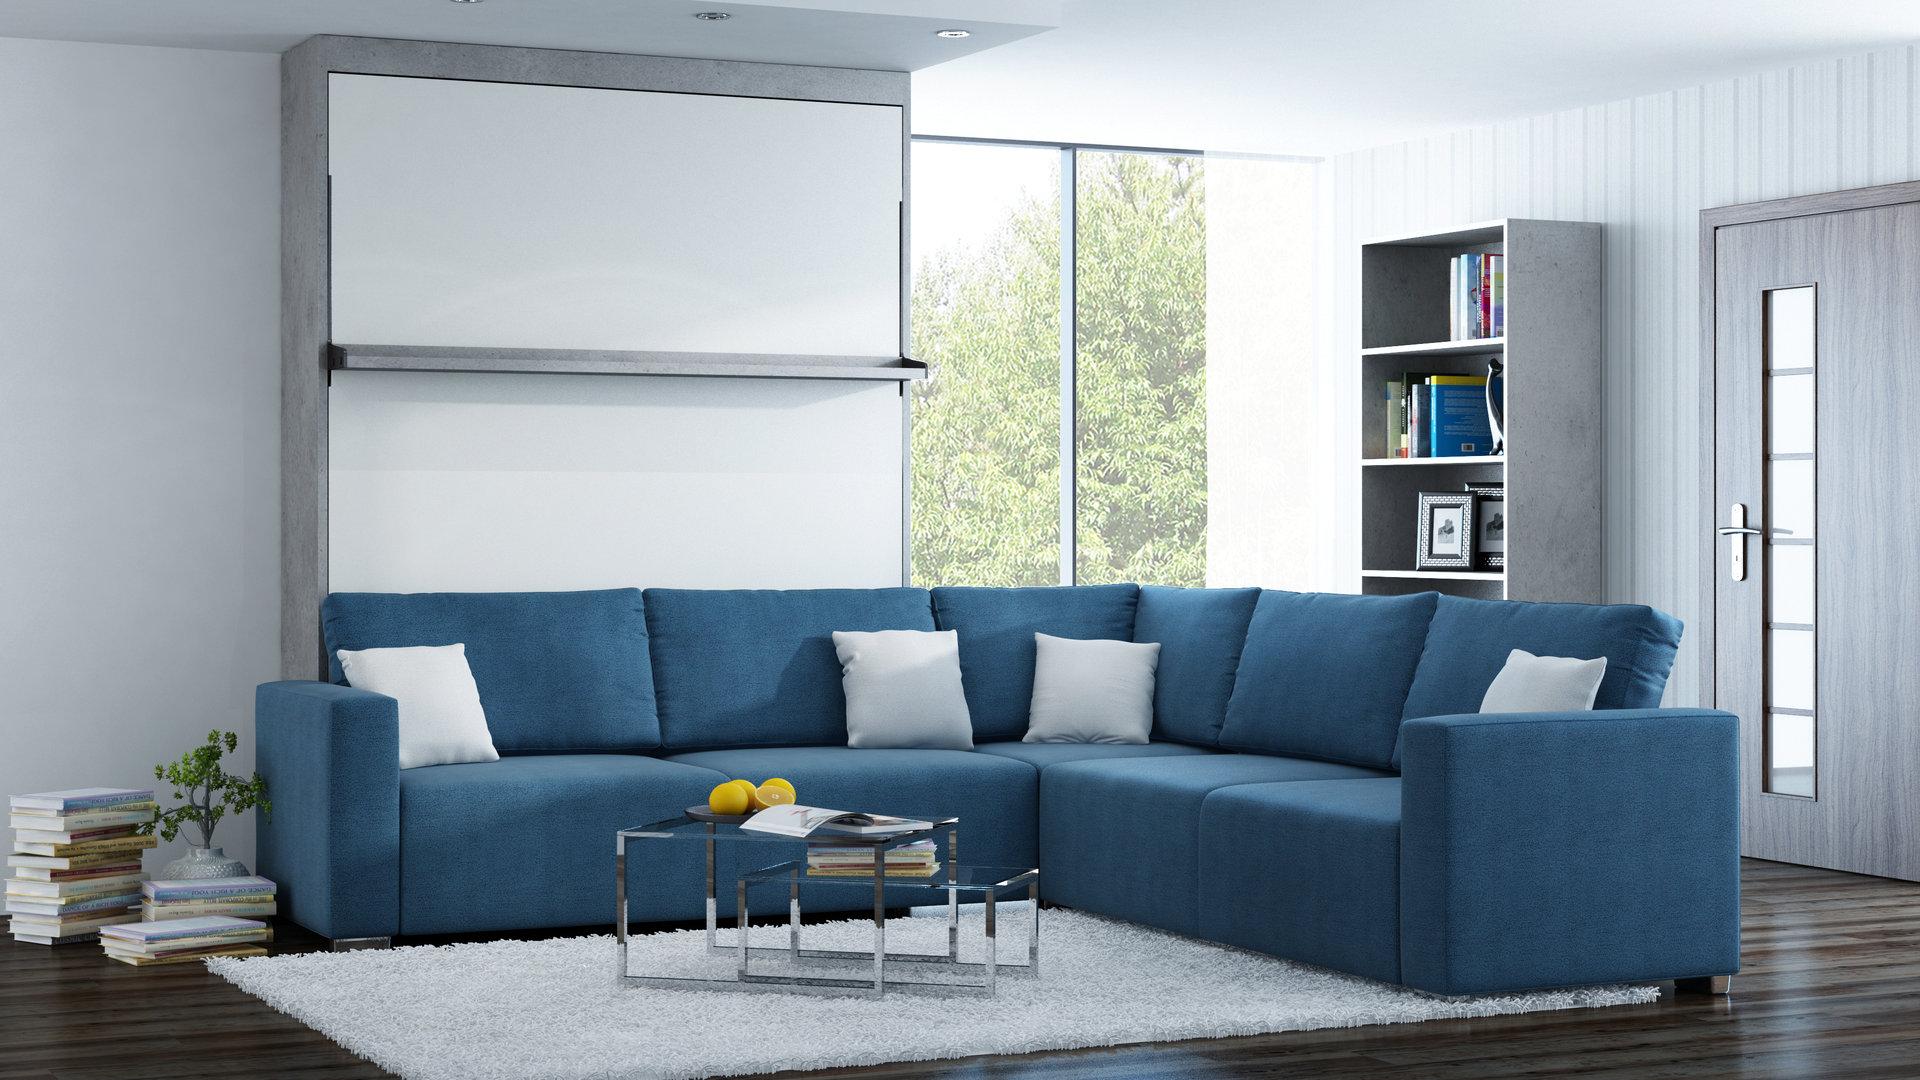 ts m bel wandbett mit sofa ecke leggio linea std std 160 x. Black Bedroom Furniture Sets. Home Design Ideas